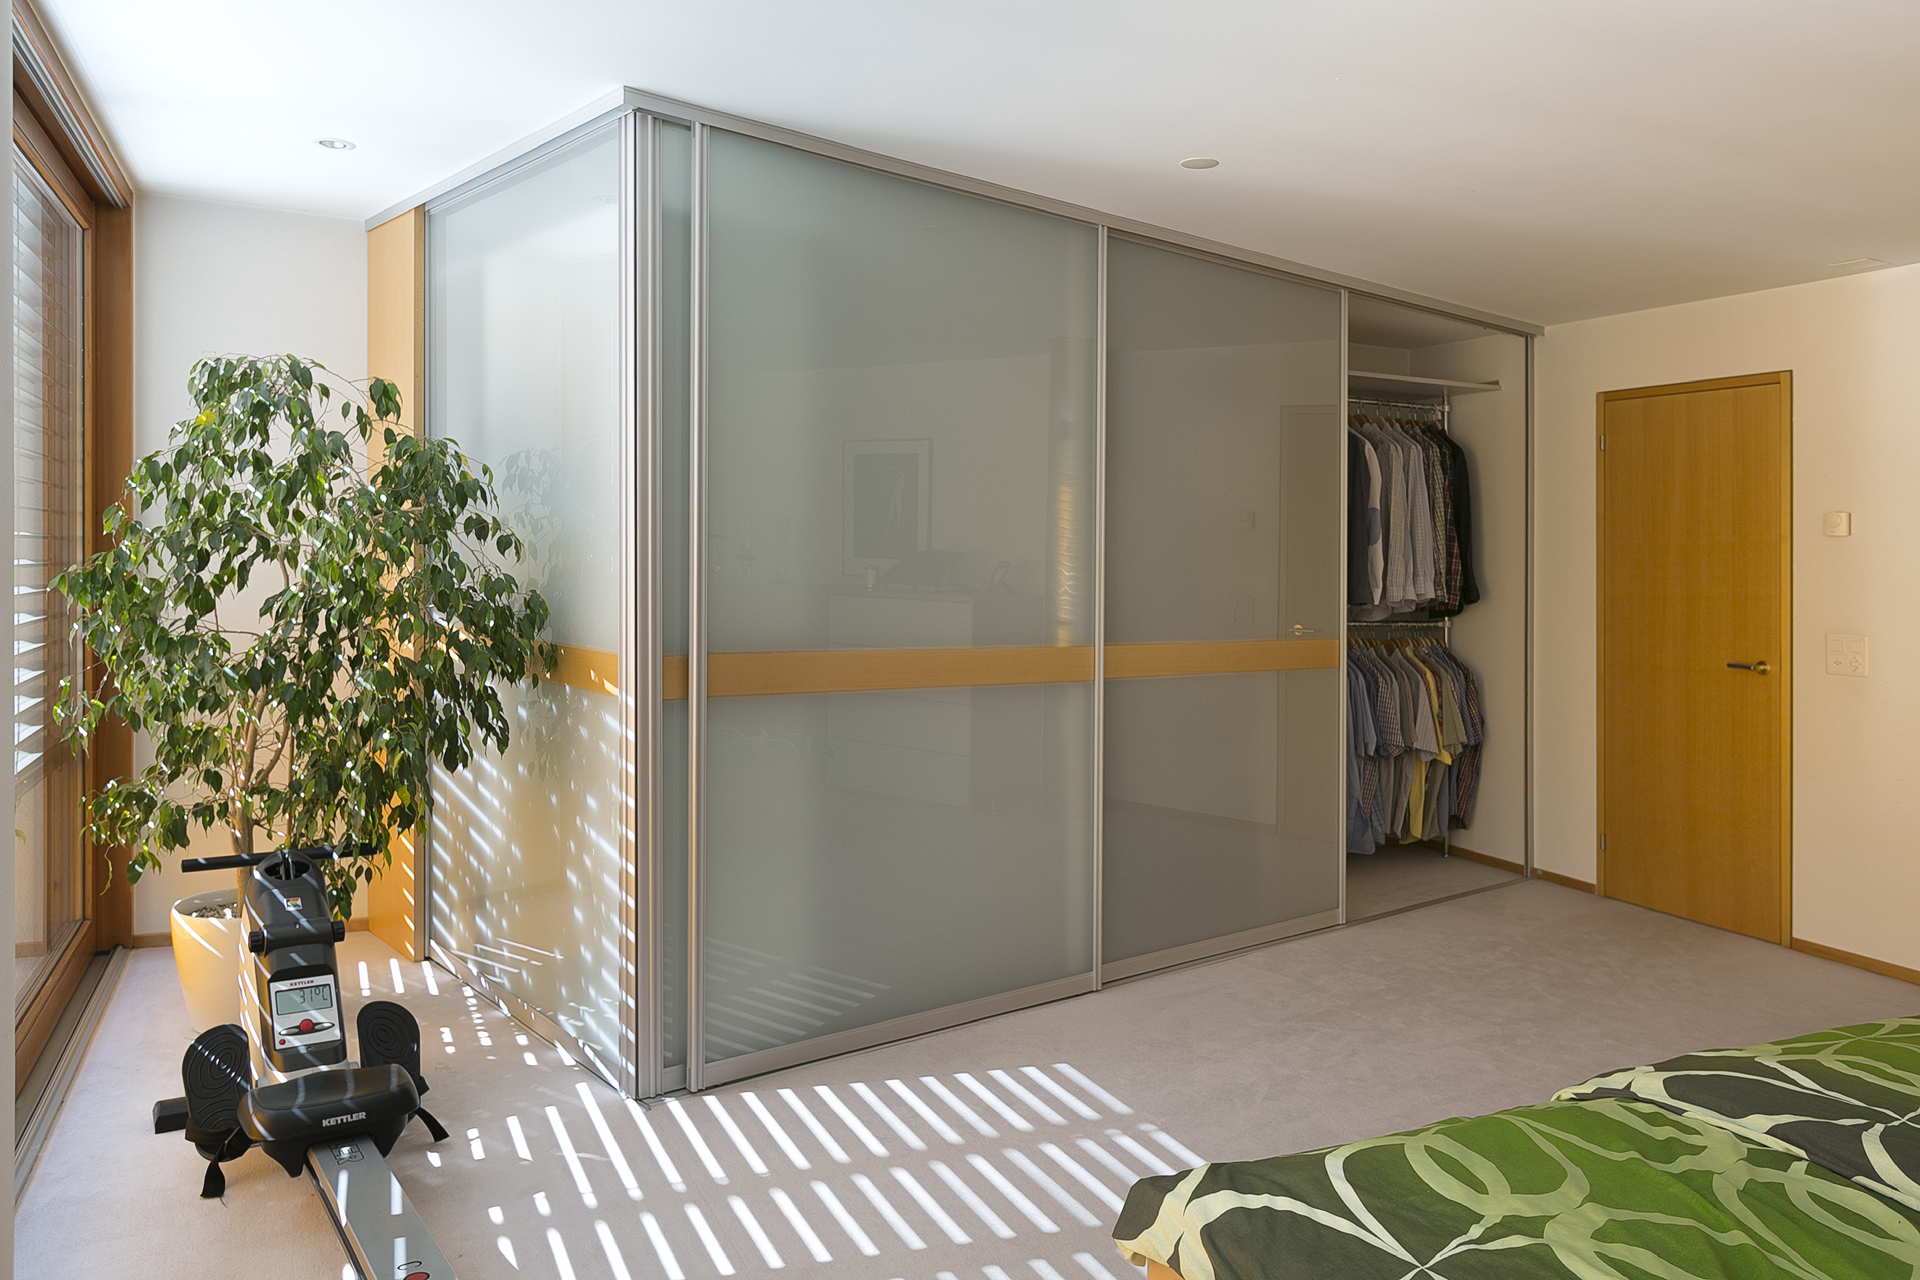 eck einbauschrank mit abschlussseite aus glas auf zu. Black Bedroom Furniture Sets. Home Design Ideas